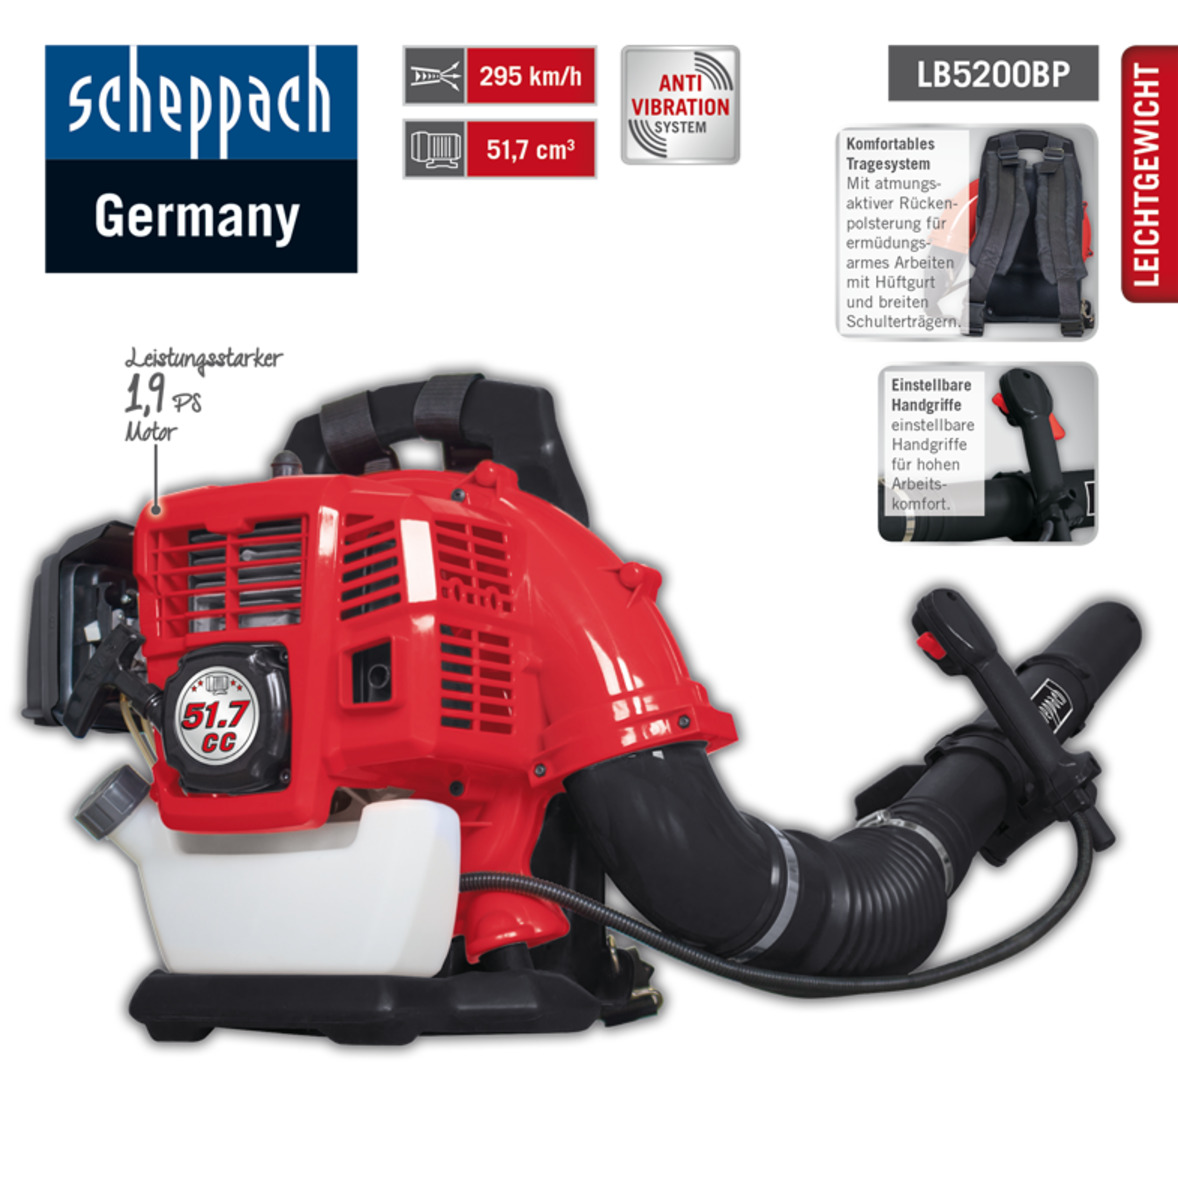 Bild 2 von Scheppach Backpack Laubbläser LB5200BP